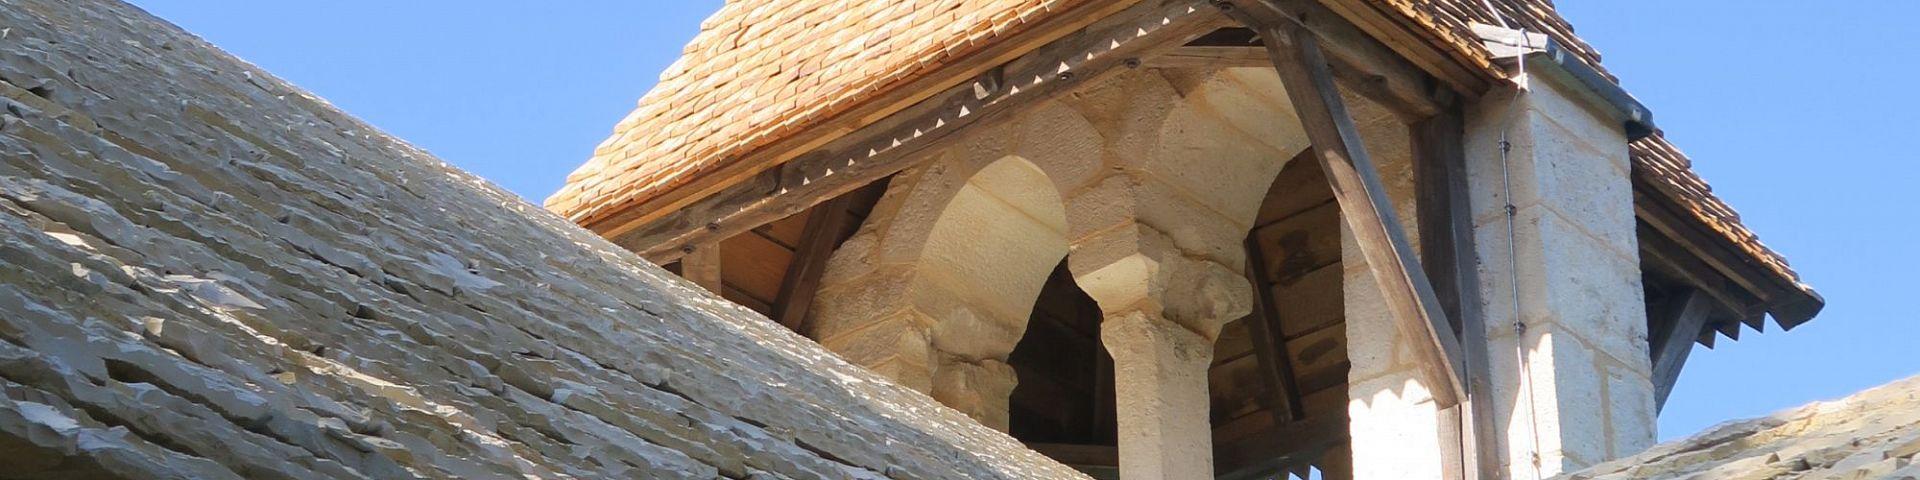 Busserotte-et-Montenaille - Eglise Sainte-Ambroise (21)